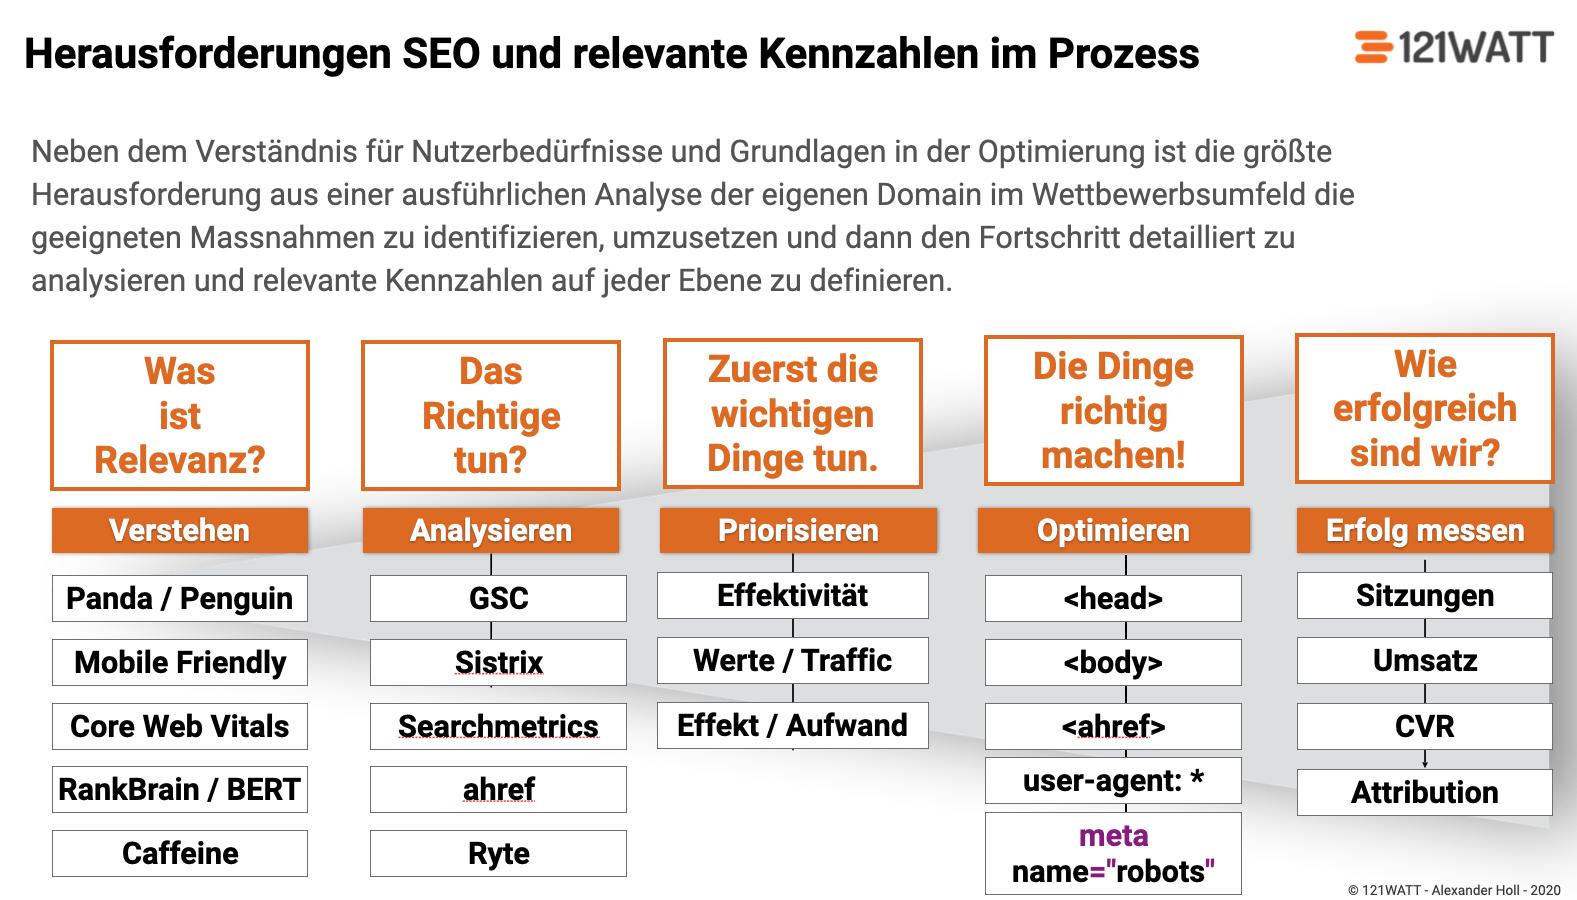 Entwicklung relevanter Kennzahlen in der Suchmaschinenoptimierung mit dem Ziel Entwicklung relevanter SEO-KPIs